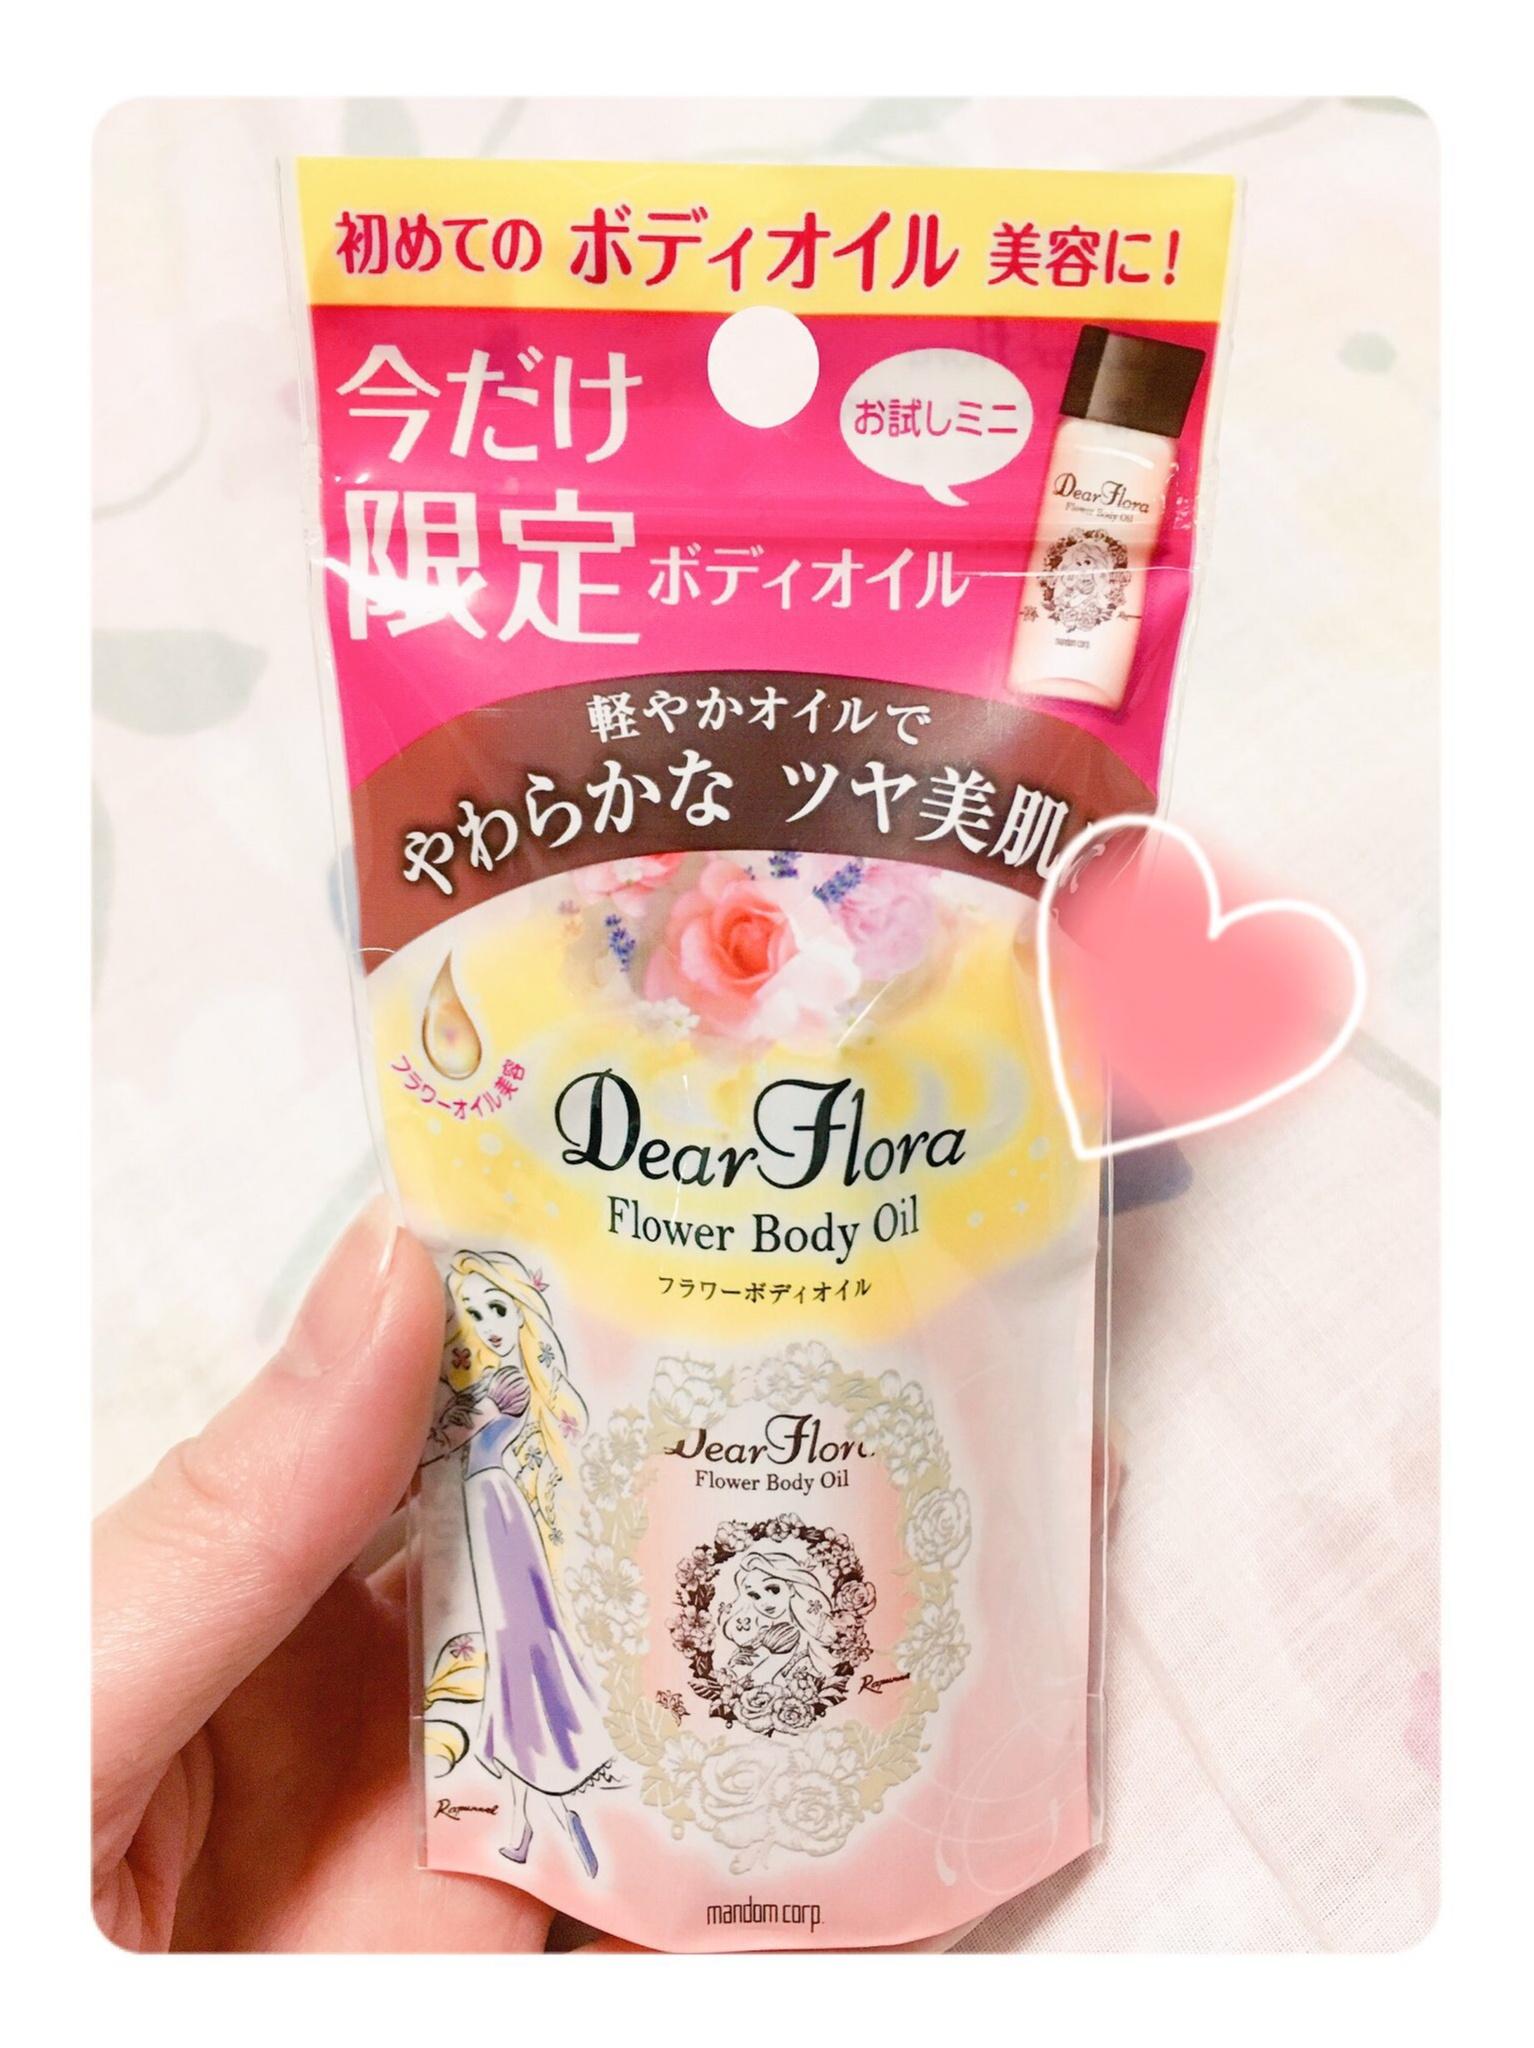 パケ買い必至のラプンツェルデザイン♡『Dear Flora』で花々の香りに包まれながら楽しくボディケア(*´ ˘ `*)_1